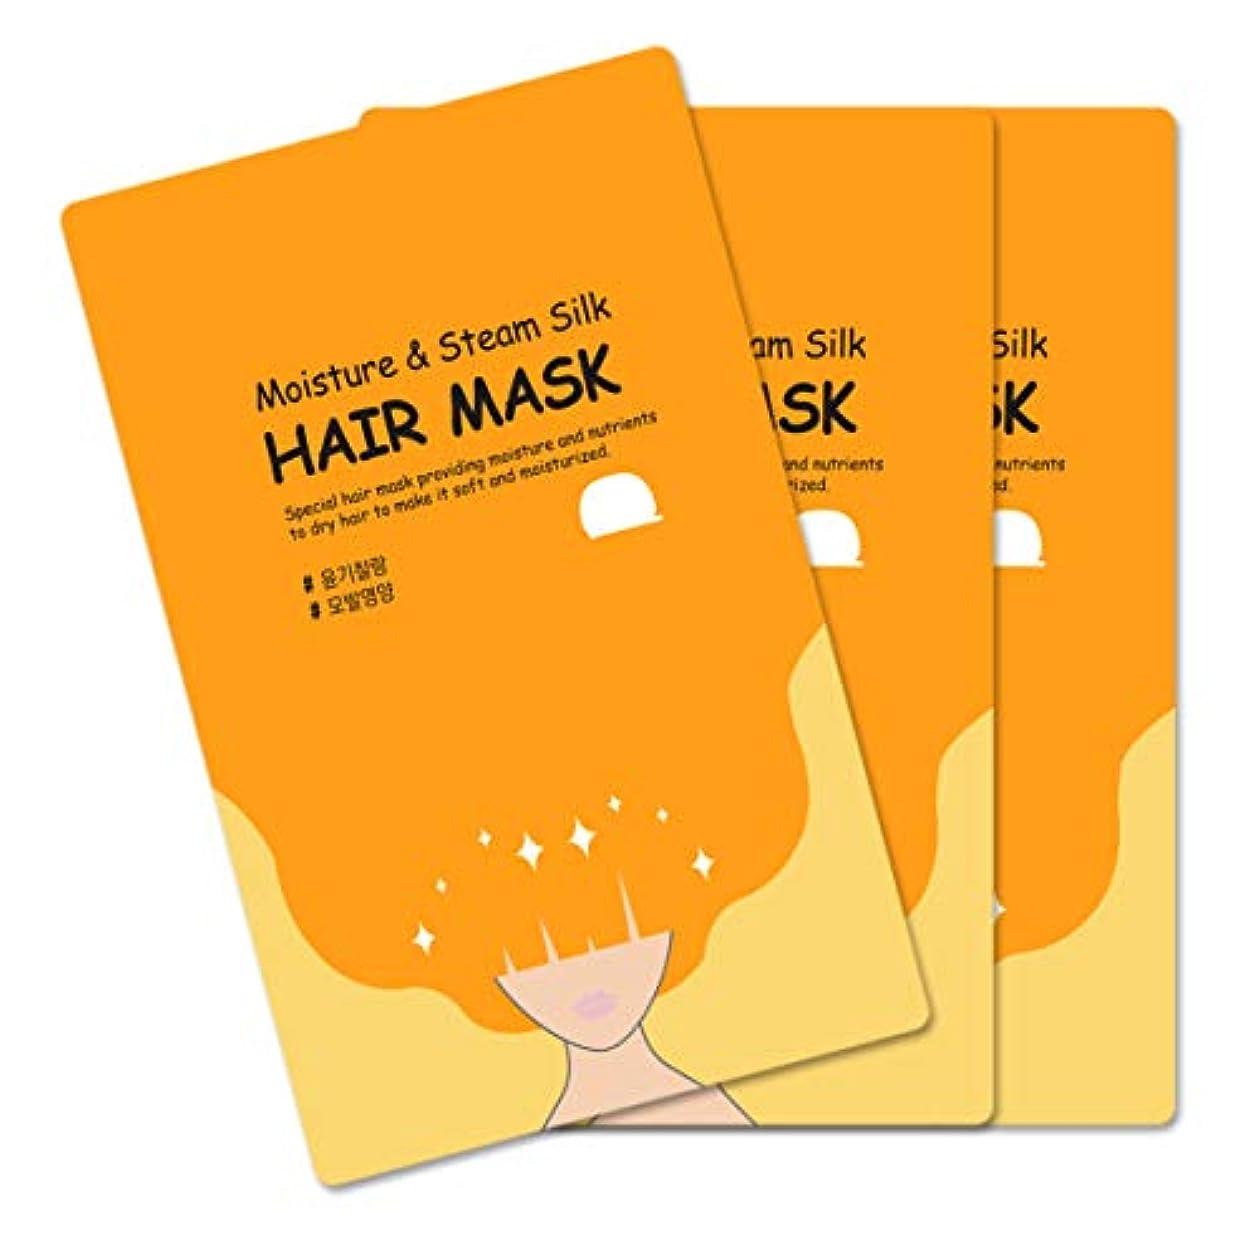 メンダシティ化粧混合した[CNF] SHES LAB(シーズラップ) モイスチャー&スチームシルク ヘアー マスク 3枚